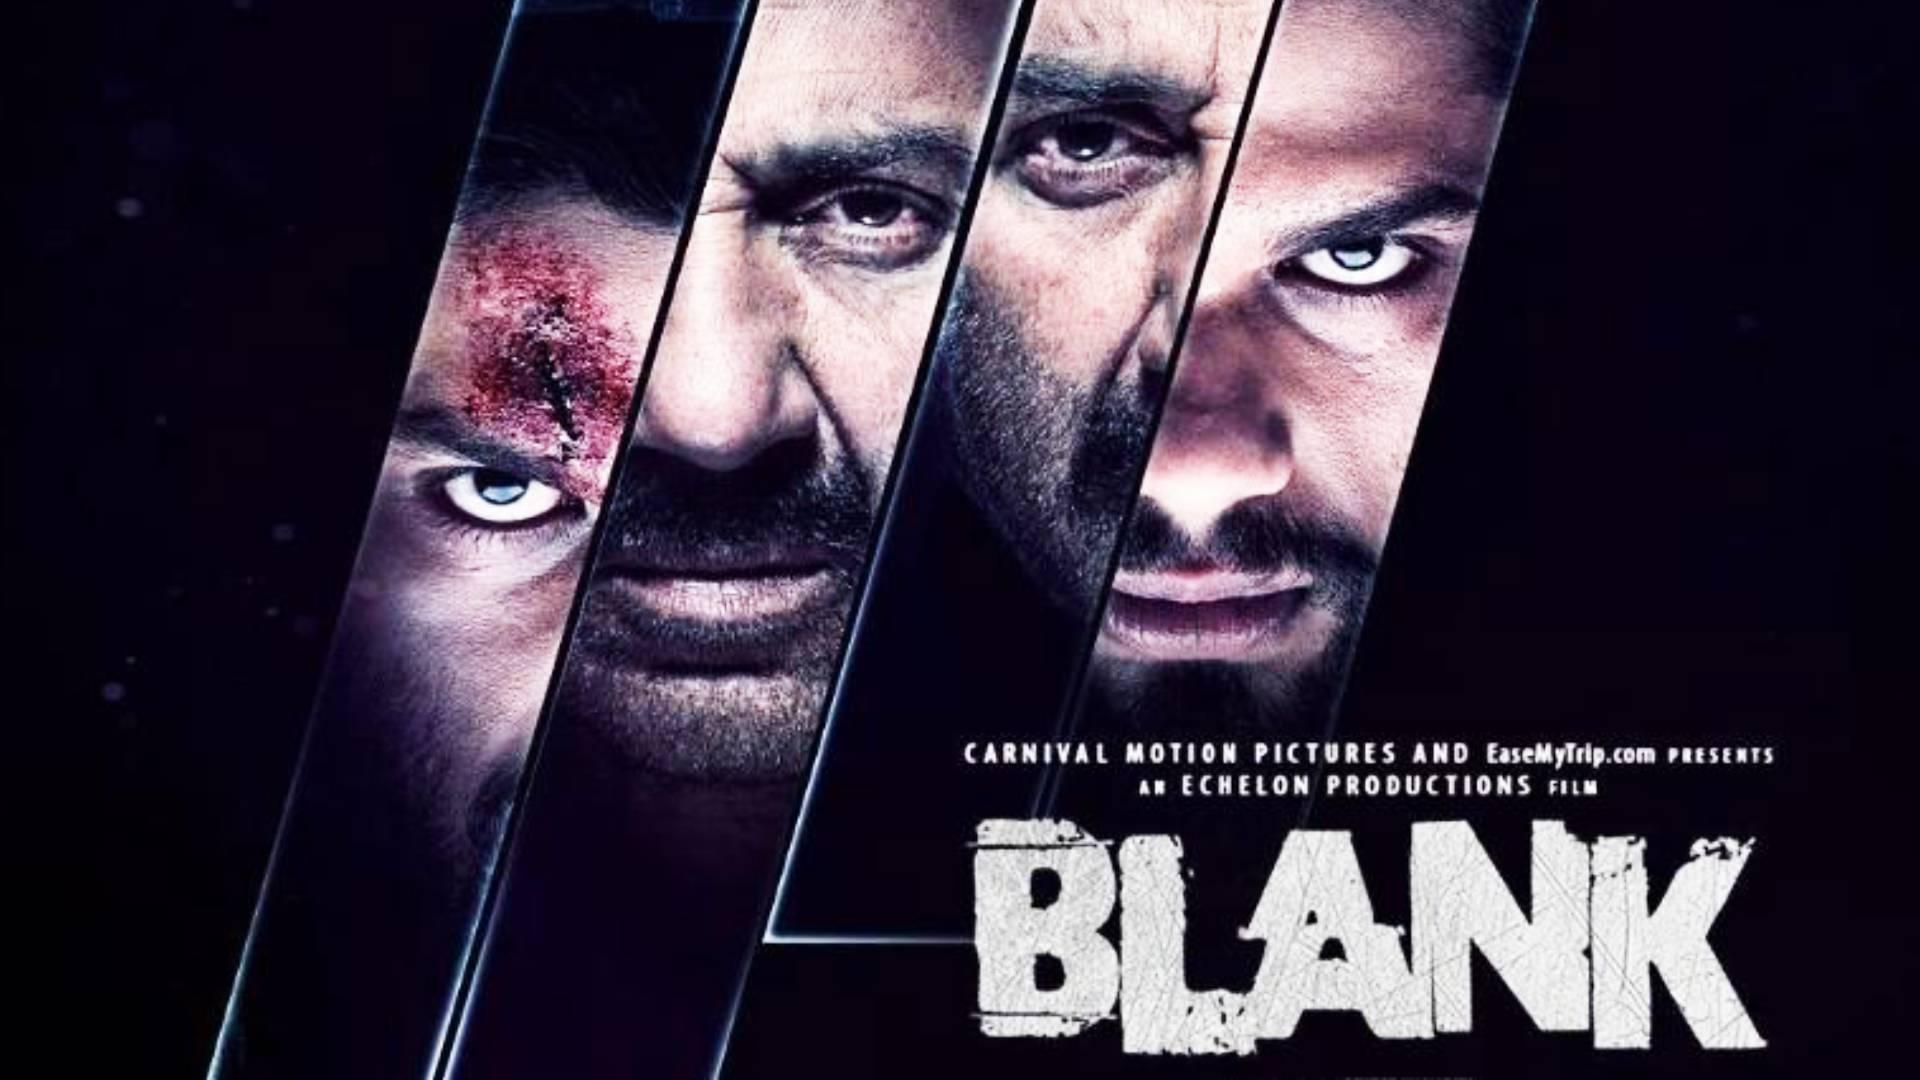 सनी देओल की फिल्म ब्लैंक के इस सीन का हुआ गलत इस्तेमाल, सोशल मीडिया पर नफरत फैलाने के लिए आया काम